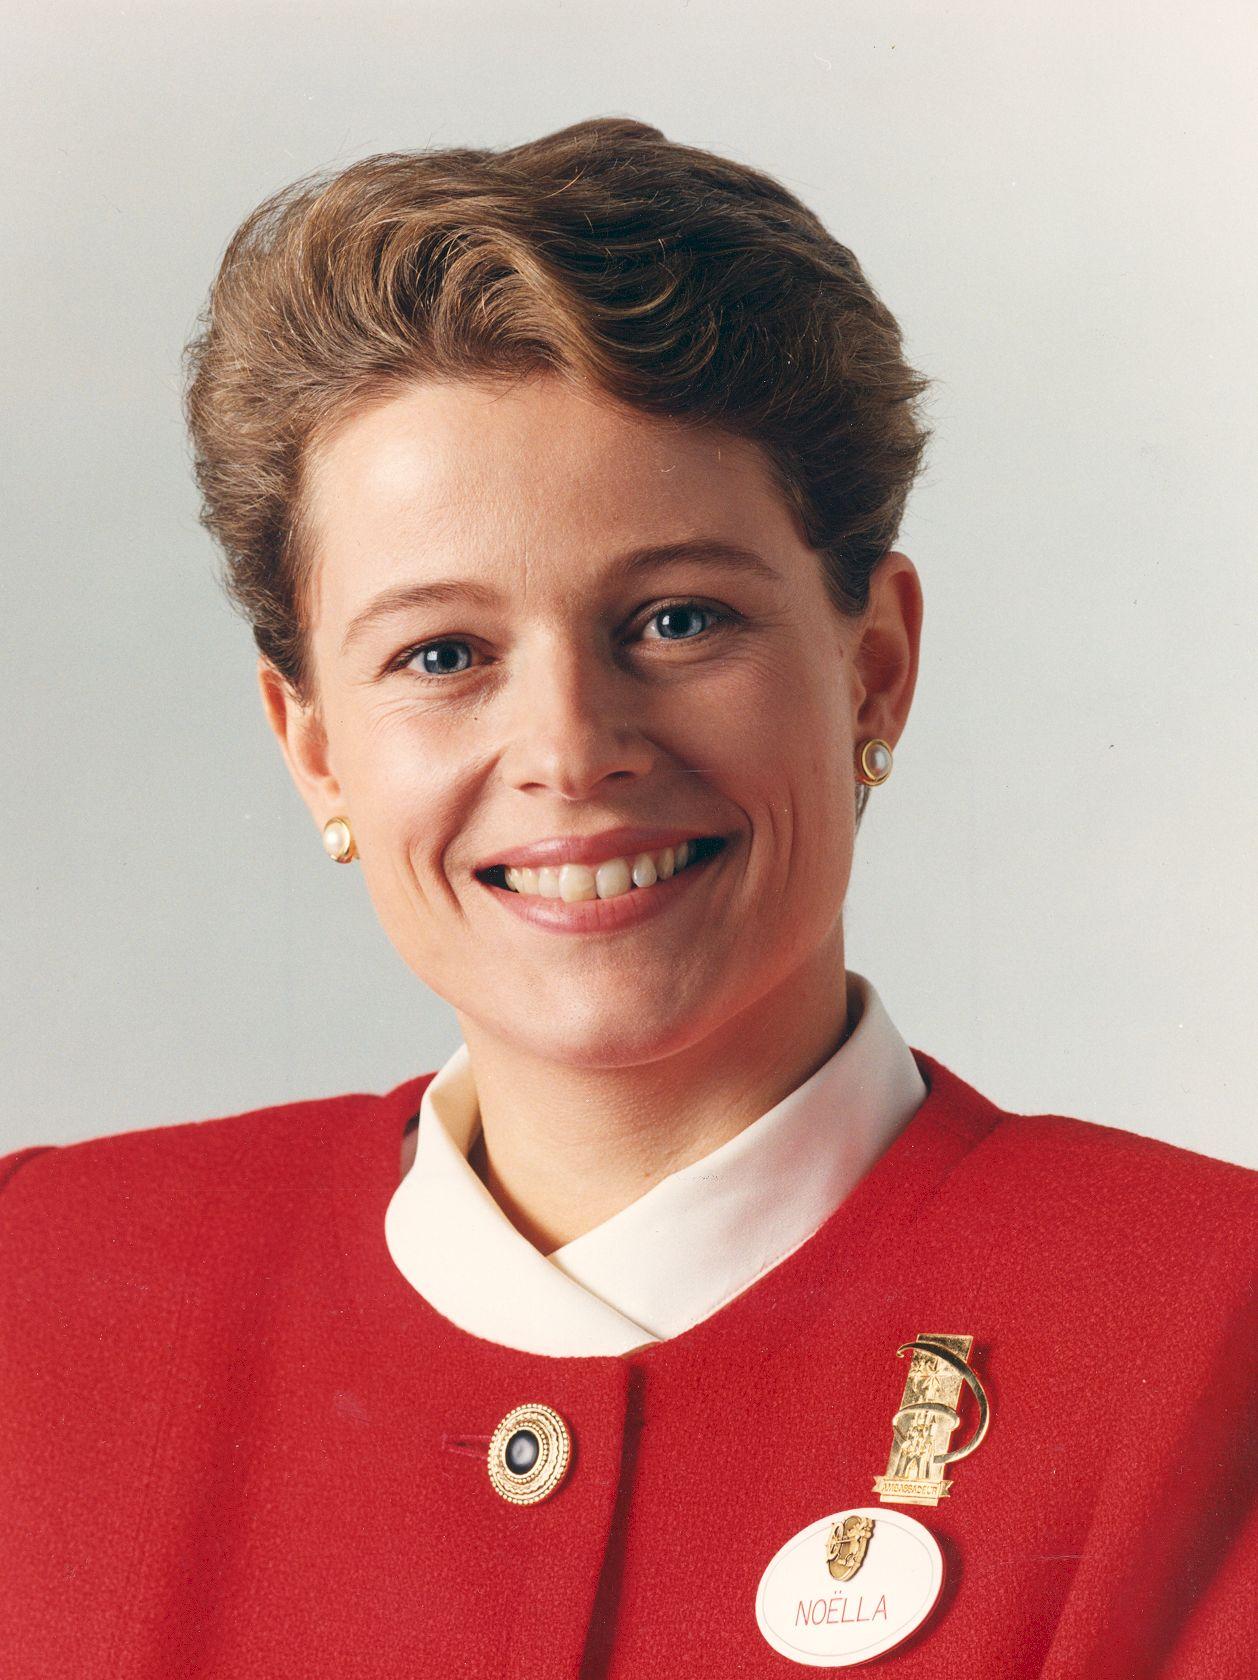 Noella Gemke1993